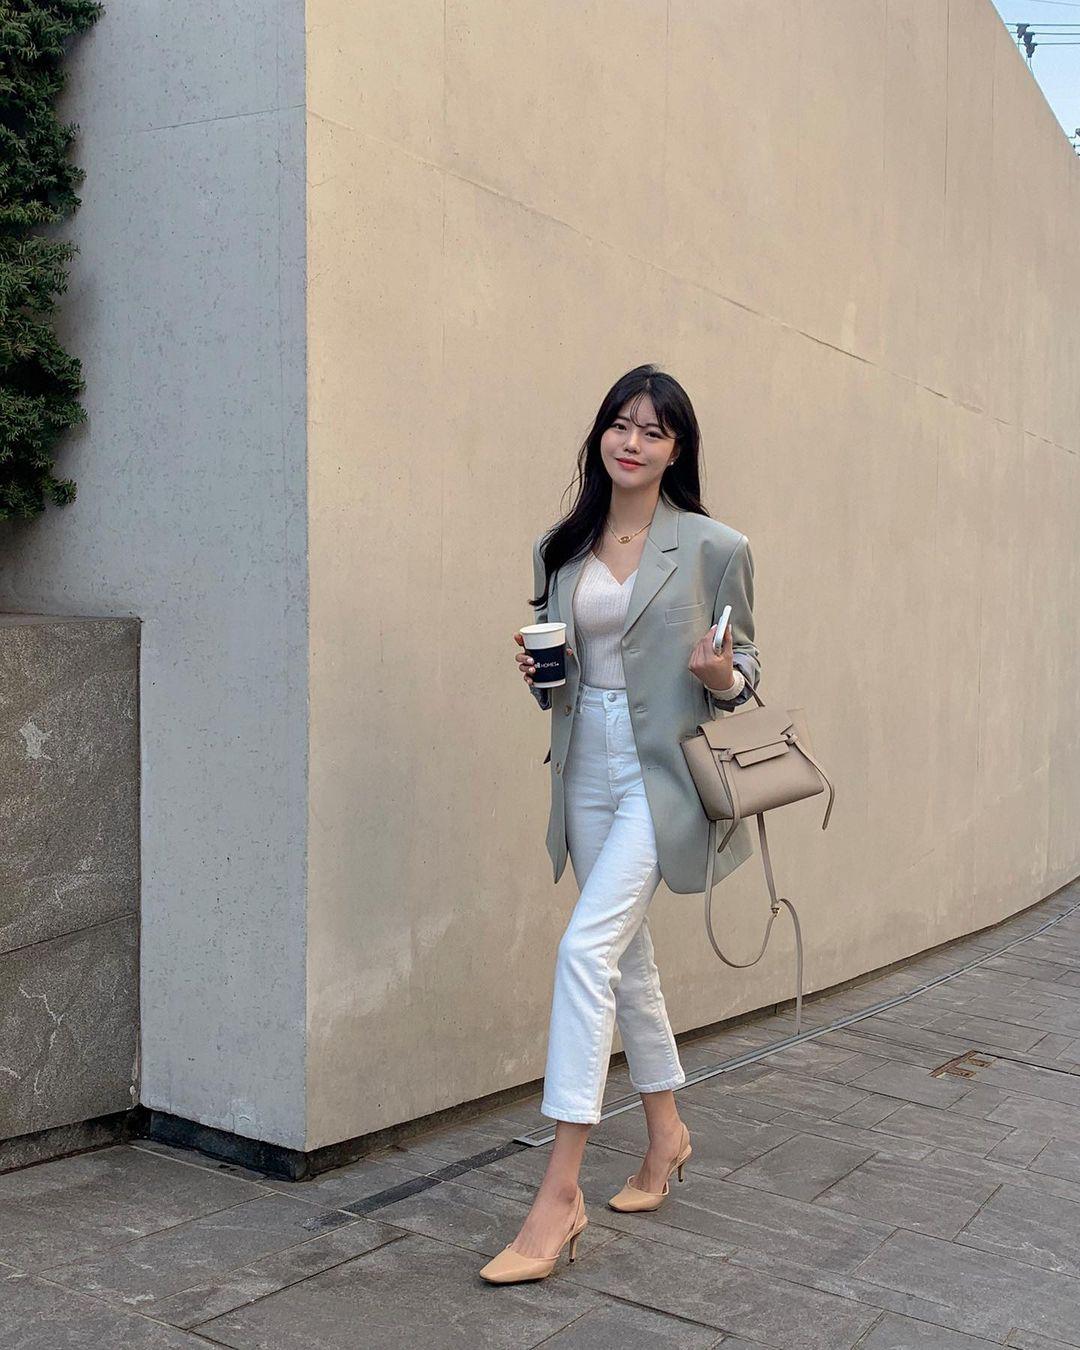 """Học nàng blogger Hàn cách diện jeans """"đỉnh của chóp"""": Vừa hack dáng vừa thanh lịch để đến sở làm - Ảnh 8"""